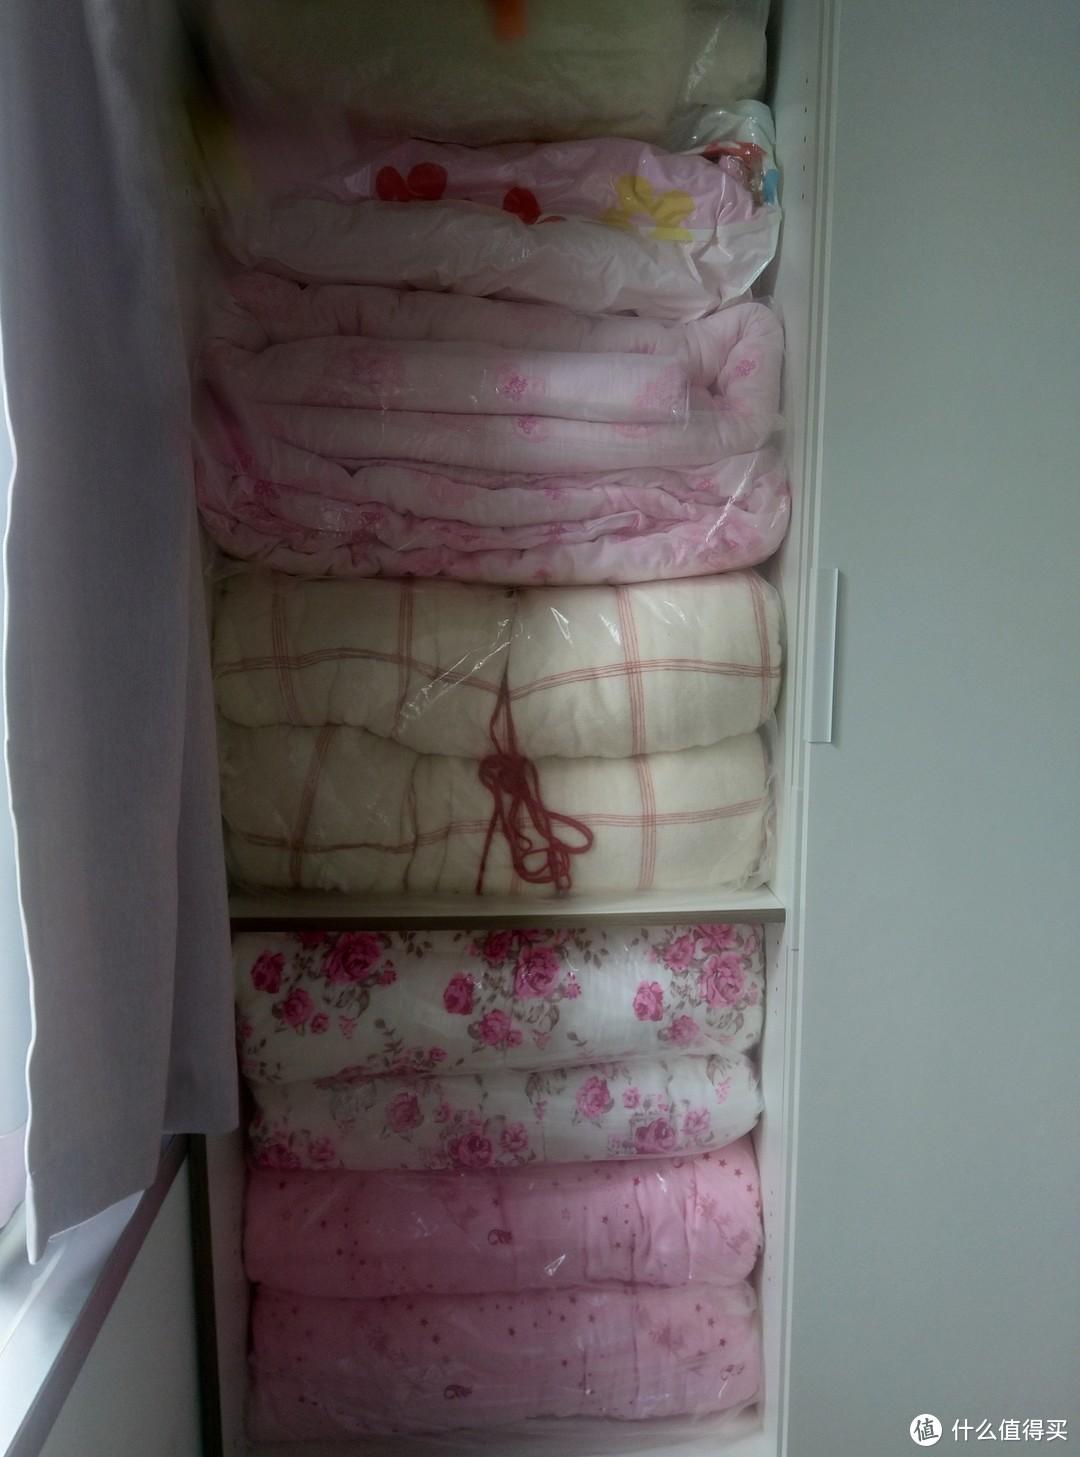 塞满被子的衣柜